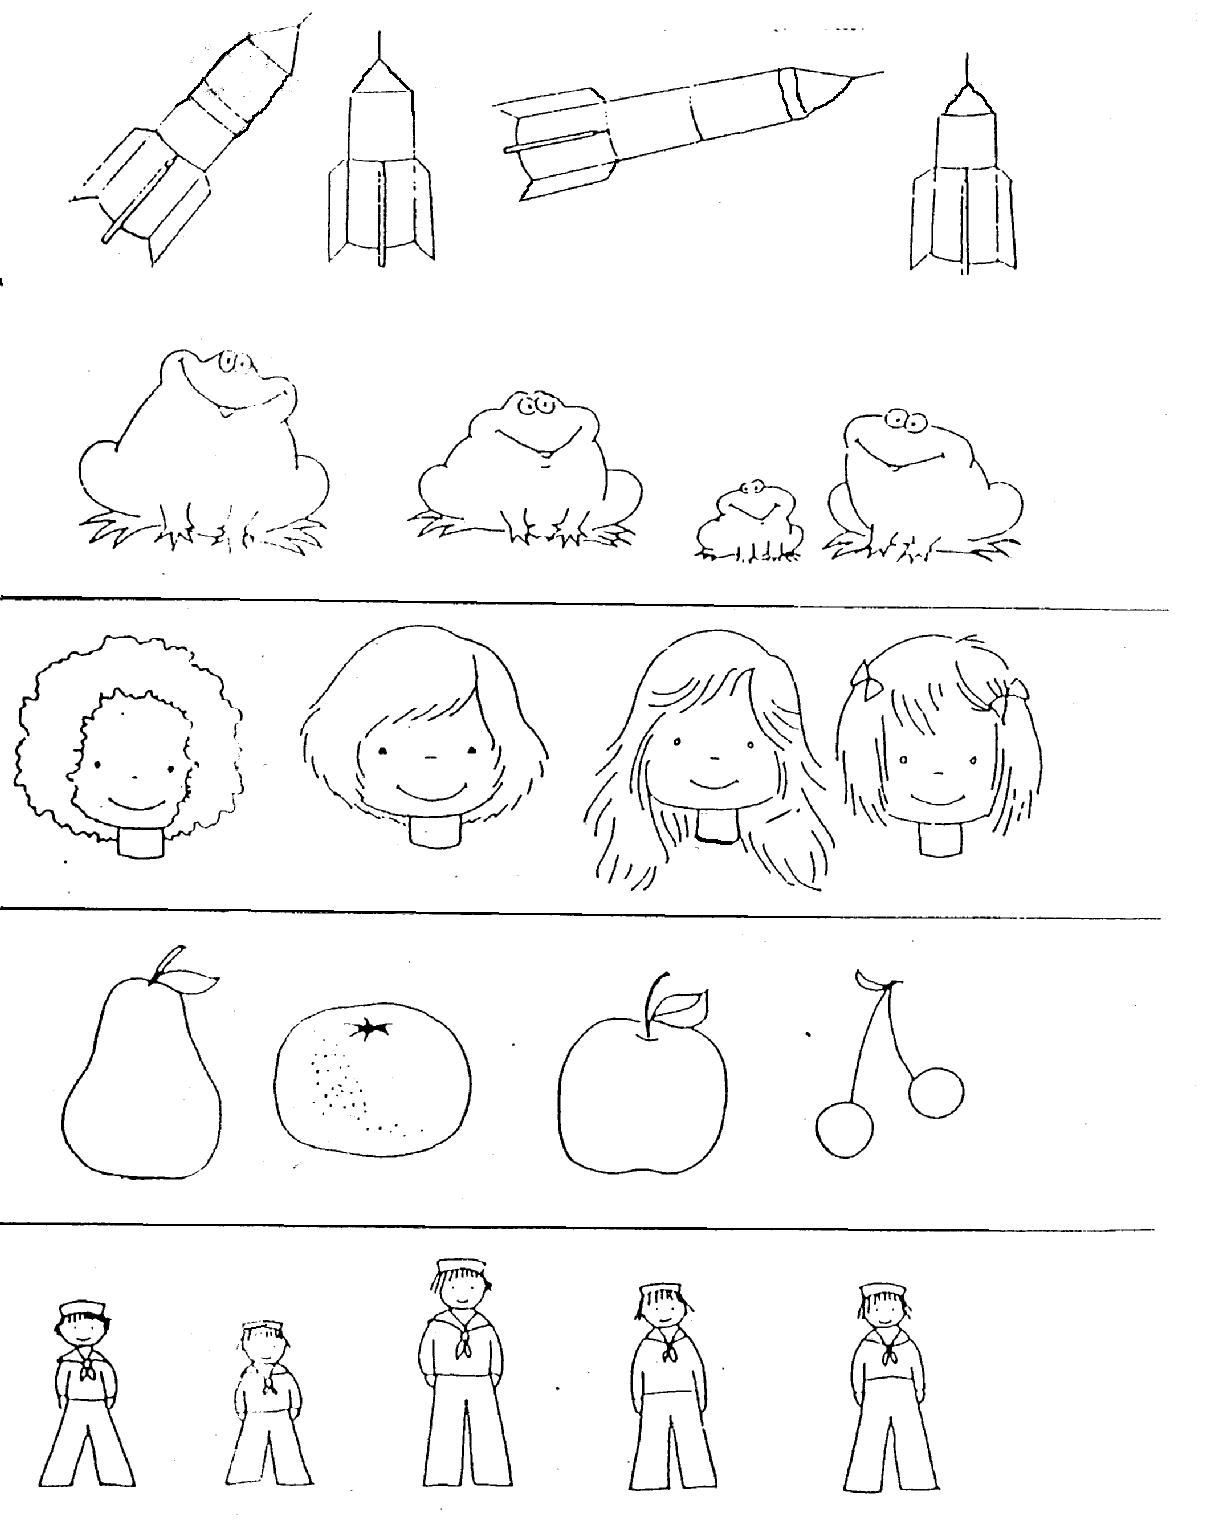 Nociones basicas coloring pages for Nociones basicas de oficina concepto